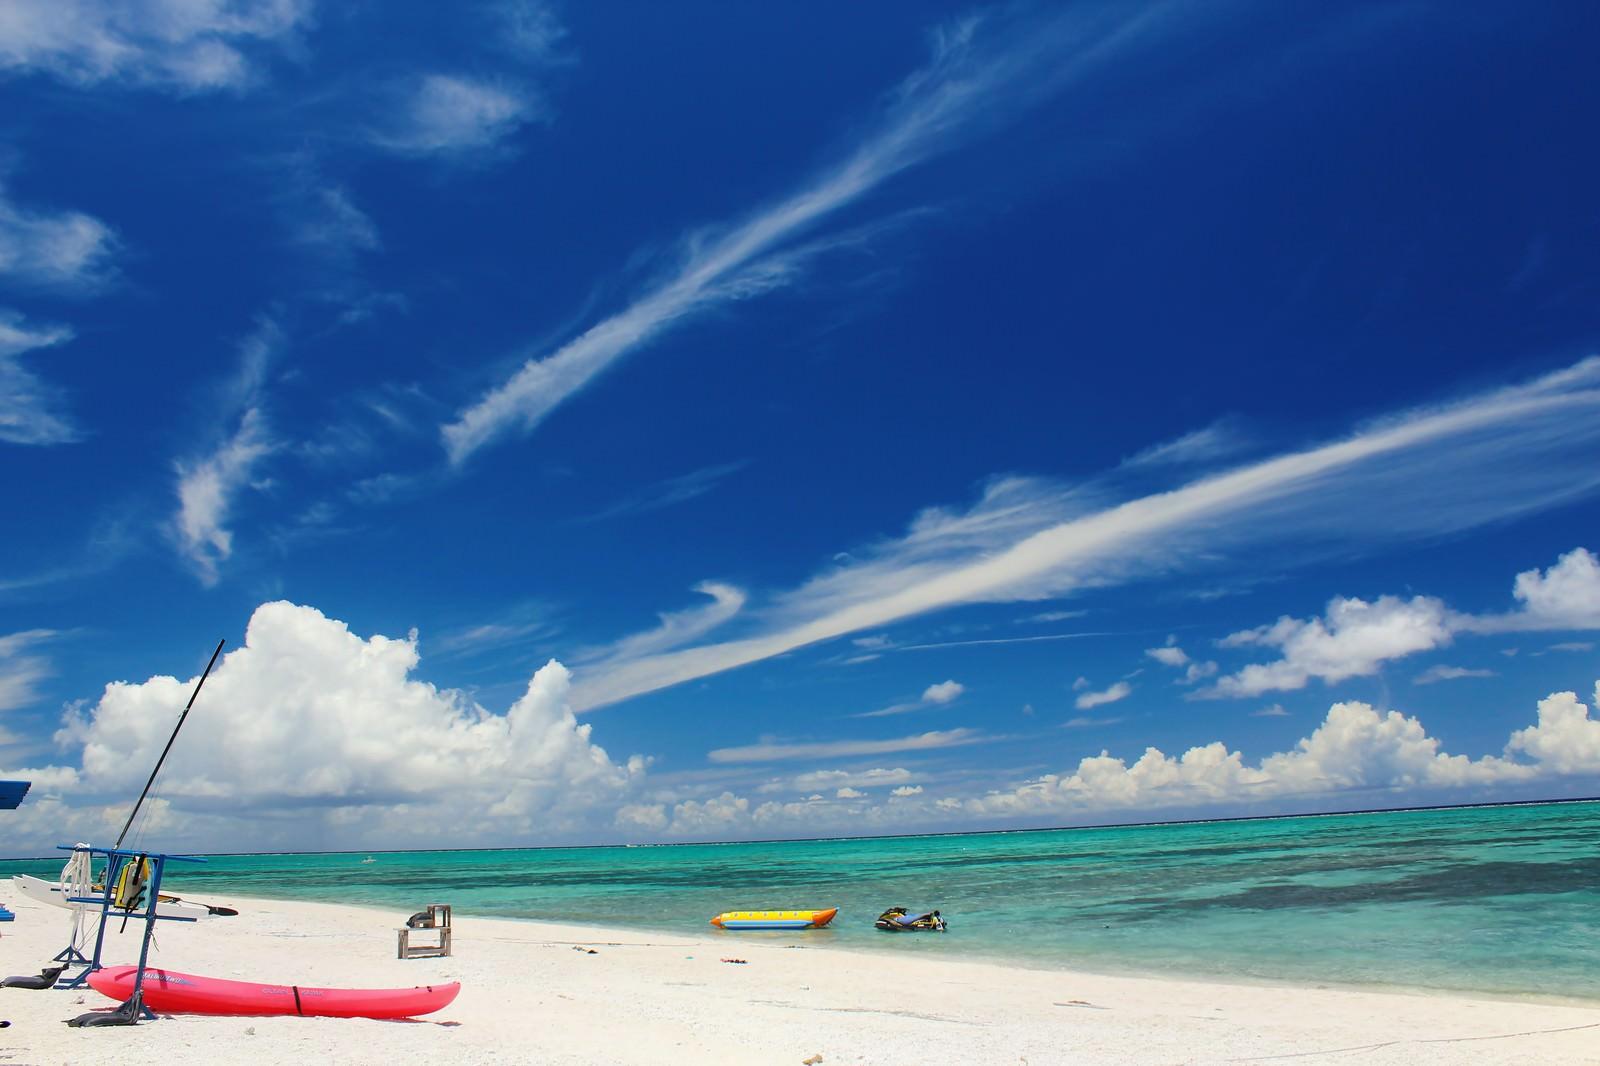 「沖縄の白い砂浜とビーチ」の写真